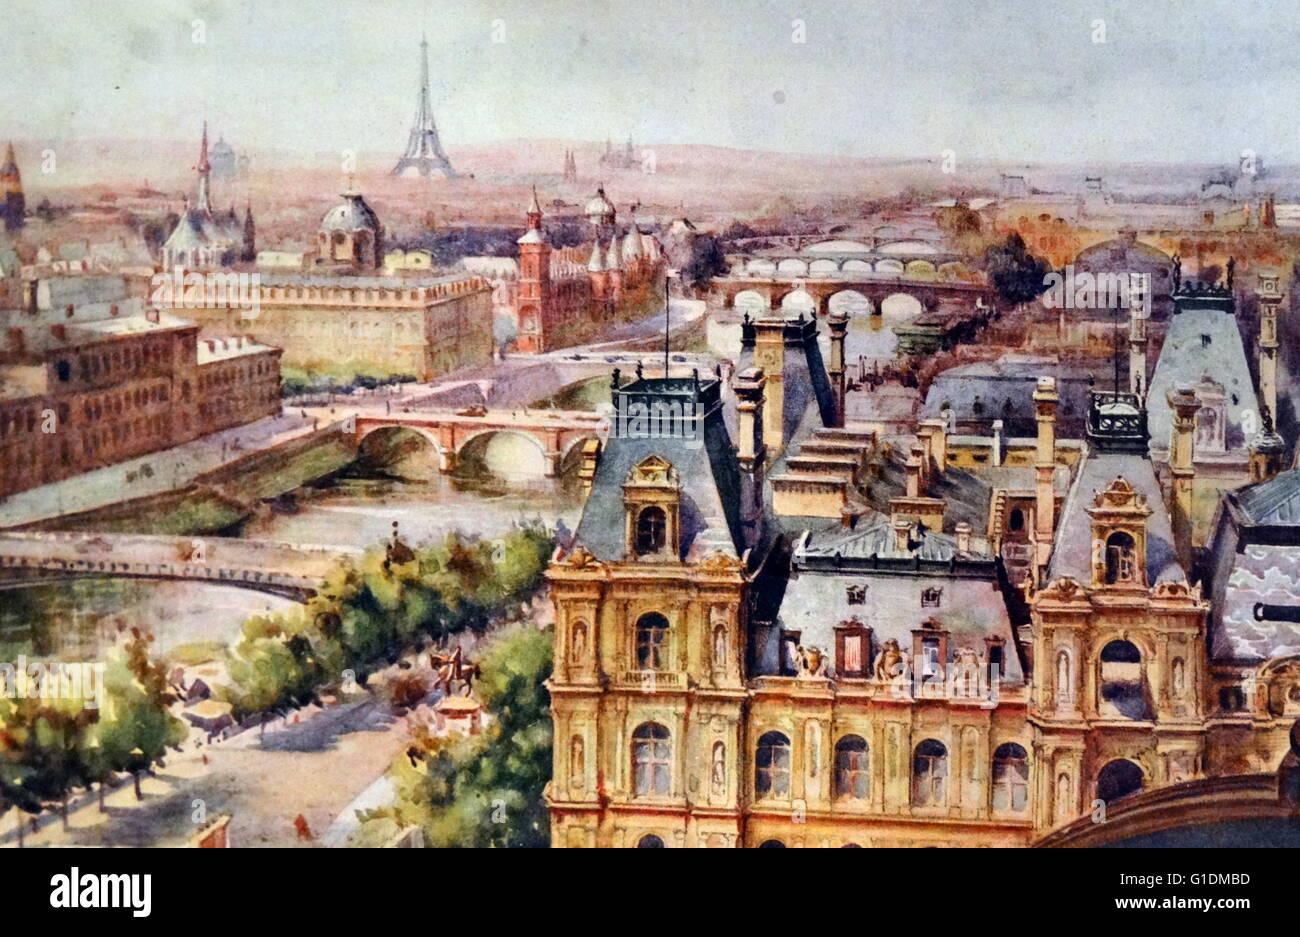 Einen Panoramablick über Paris von Margaret Dovaston (1884-1955), britischer Maler Gemälde. Vom 20. Jahrhundert Stockbild